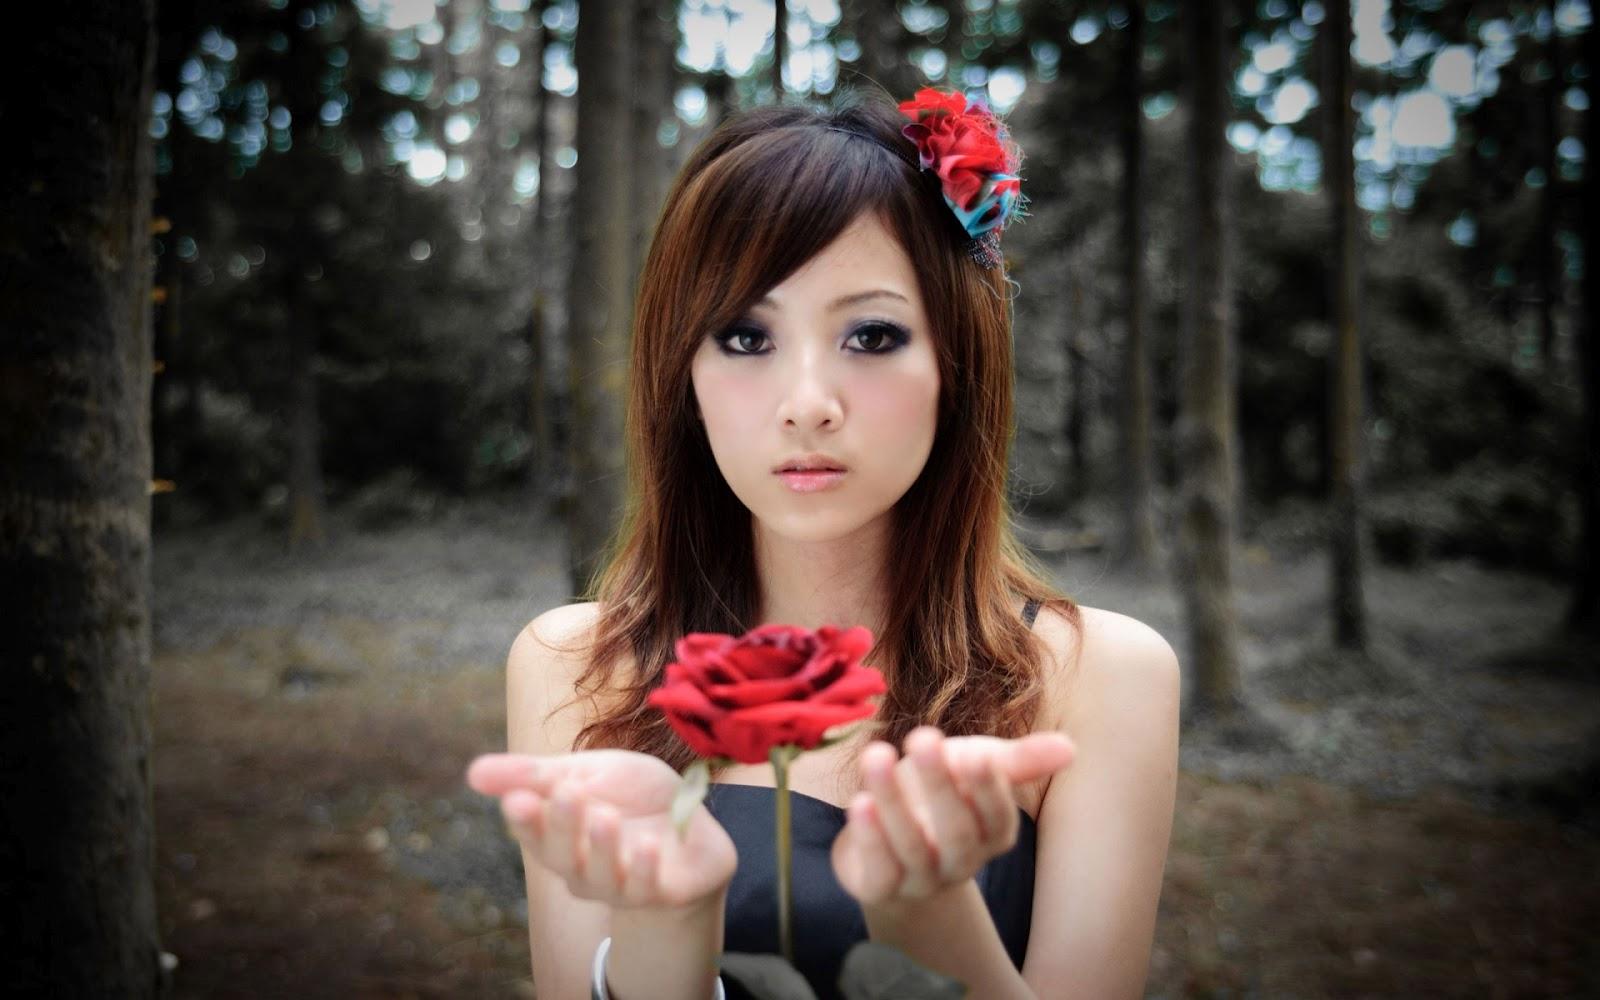 http://4.bp.blogspot.com/-pHk4WRVLxPw/T6lrGeRfQoI/AAAAAAAAAXE/_1kGvzQO6Nw/s1600/free-beautiful-new-girls-hd-wallpapers-backgrounds-desktop.jpg